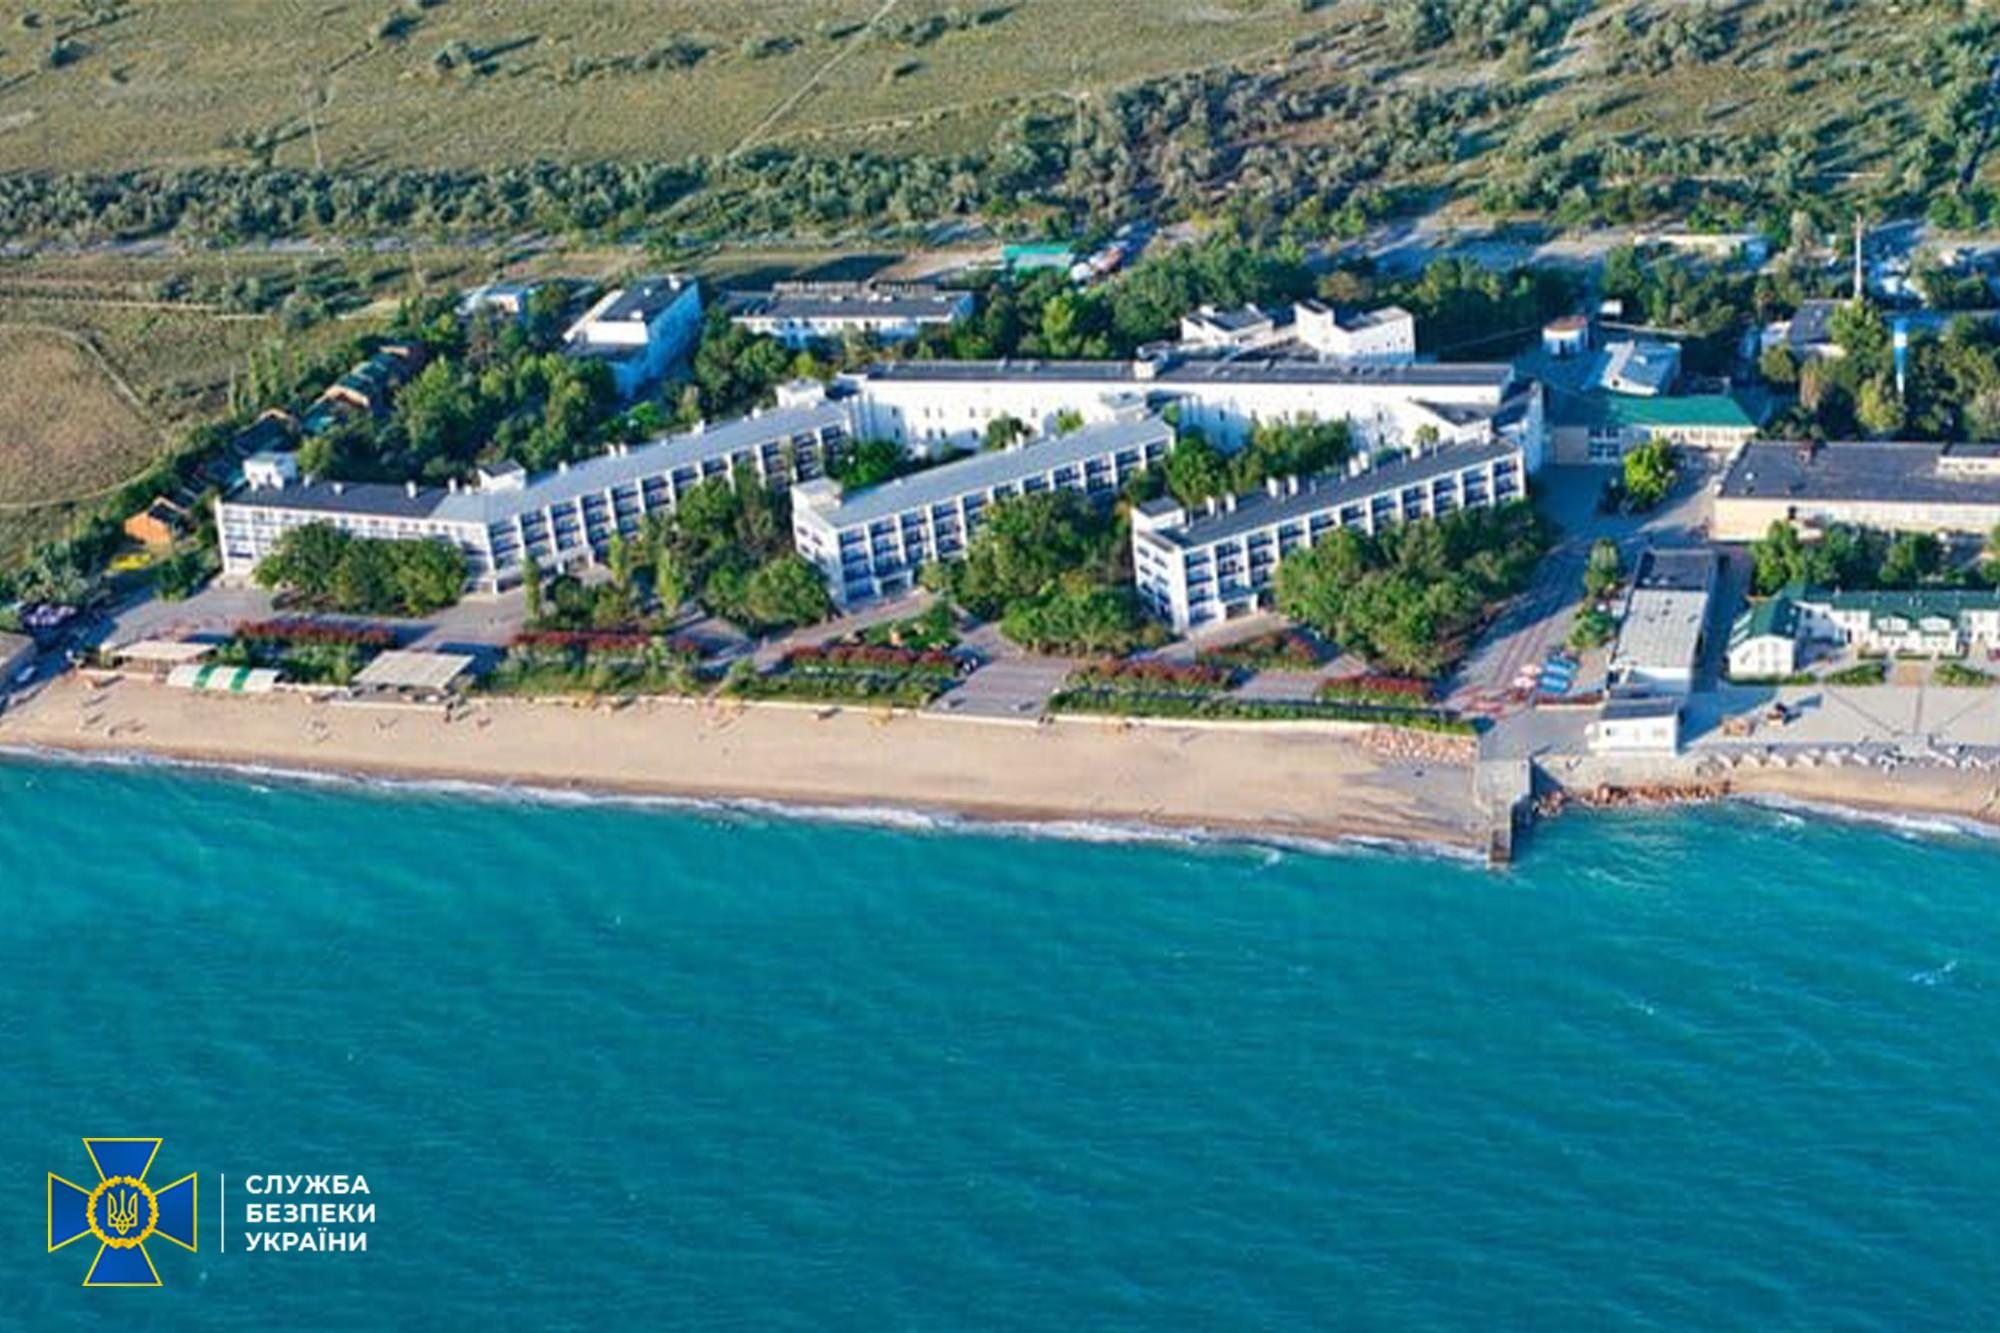 СБУ и полиция заблокировали схему вывоза боевиков и военных России на курорт в Крым – фото